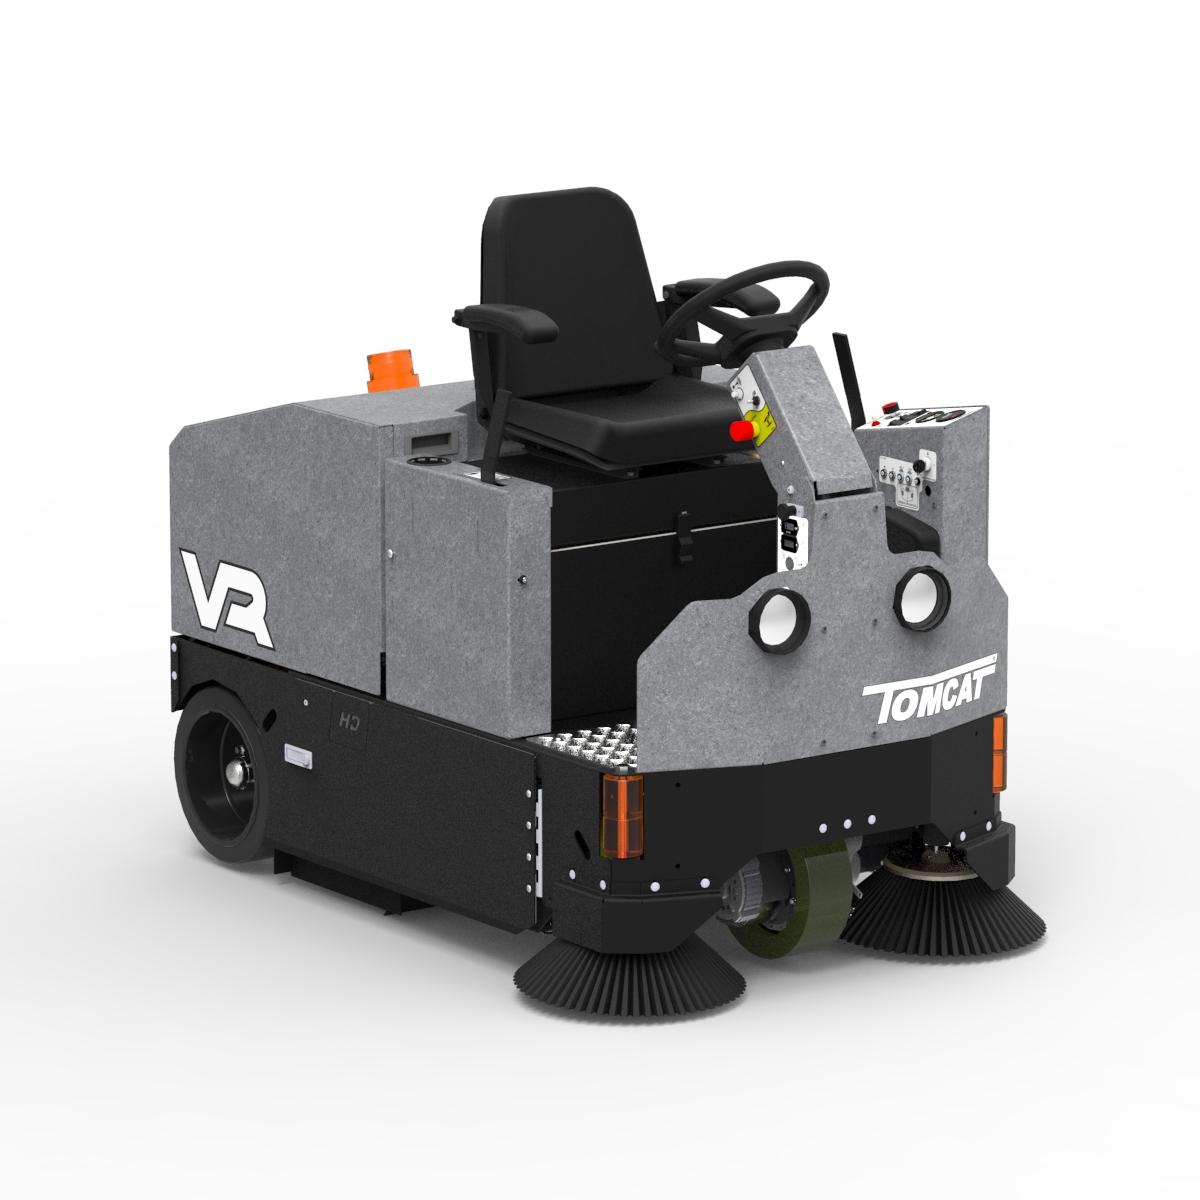 Floor Sweeper Vr Rider Commercial Floor Sweeper Machine